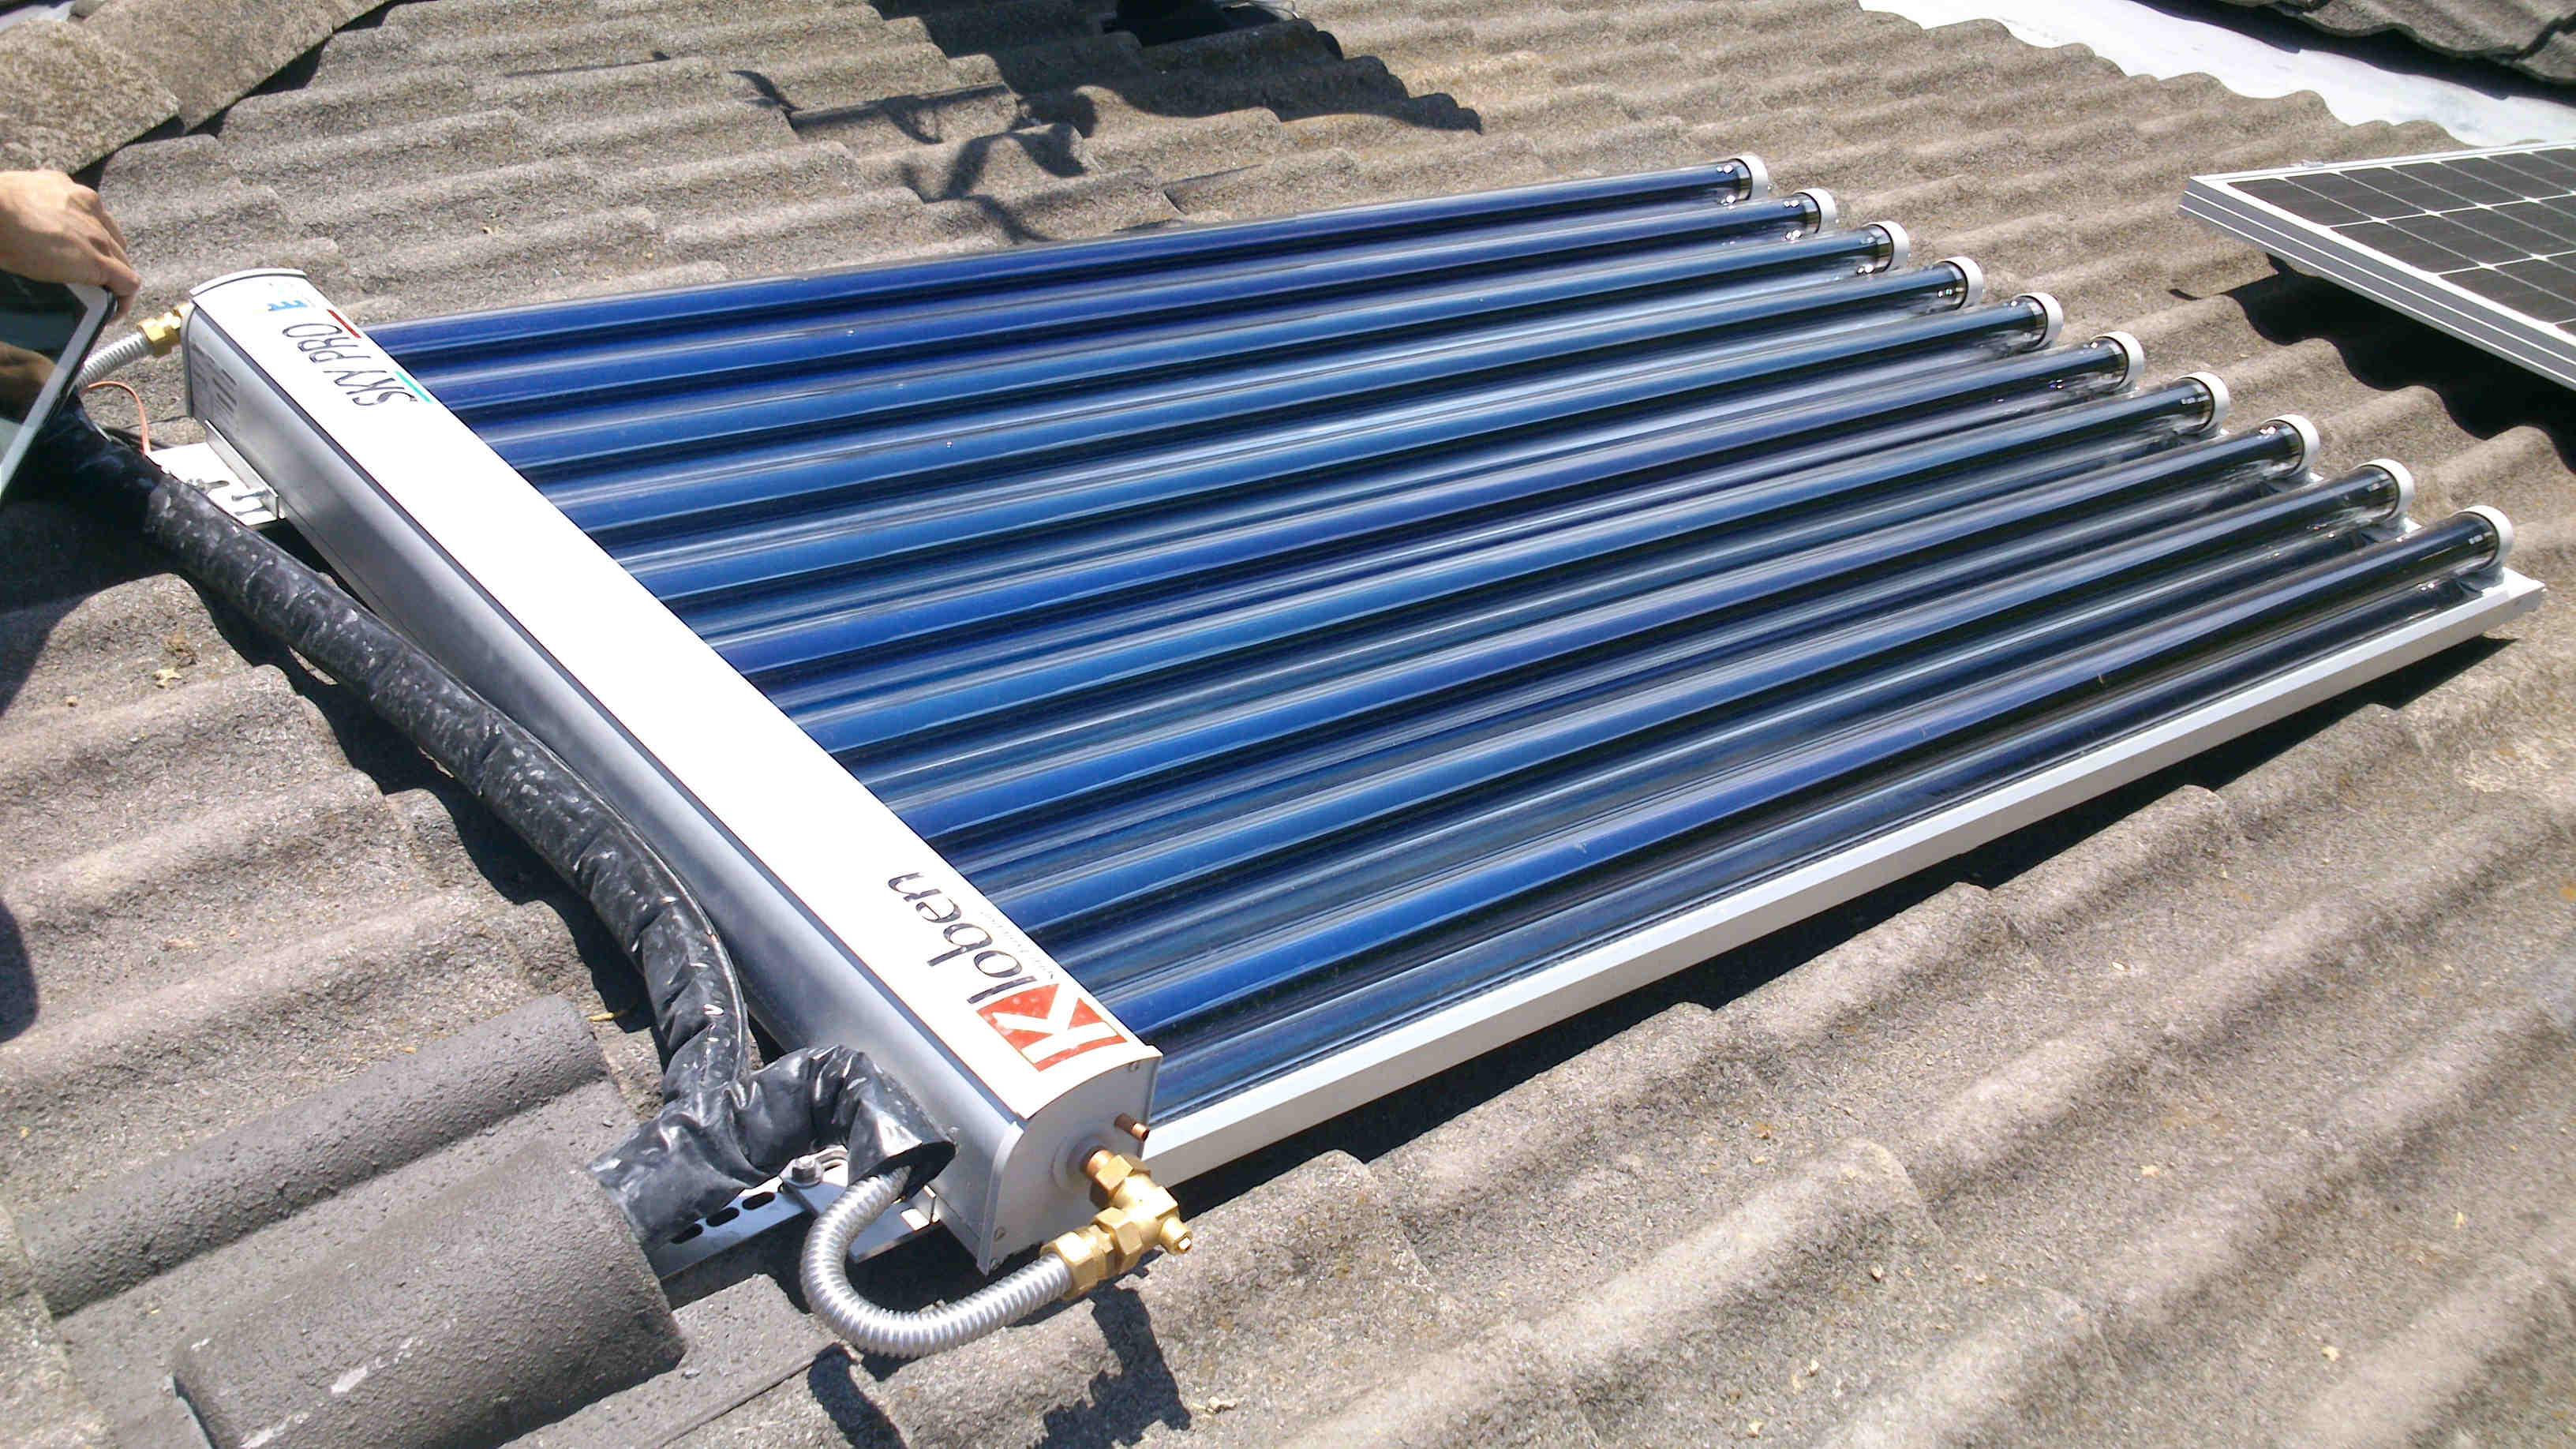 Pannello Solare Termico Kloben Prezzi : Impianti fotovoltaici solari termici caldaie a